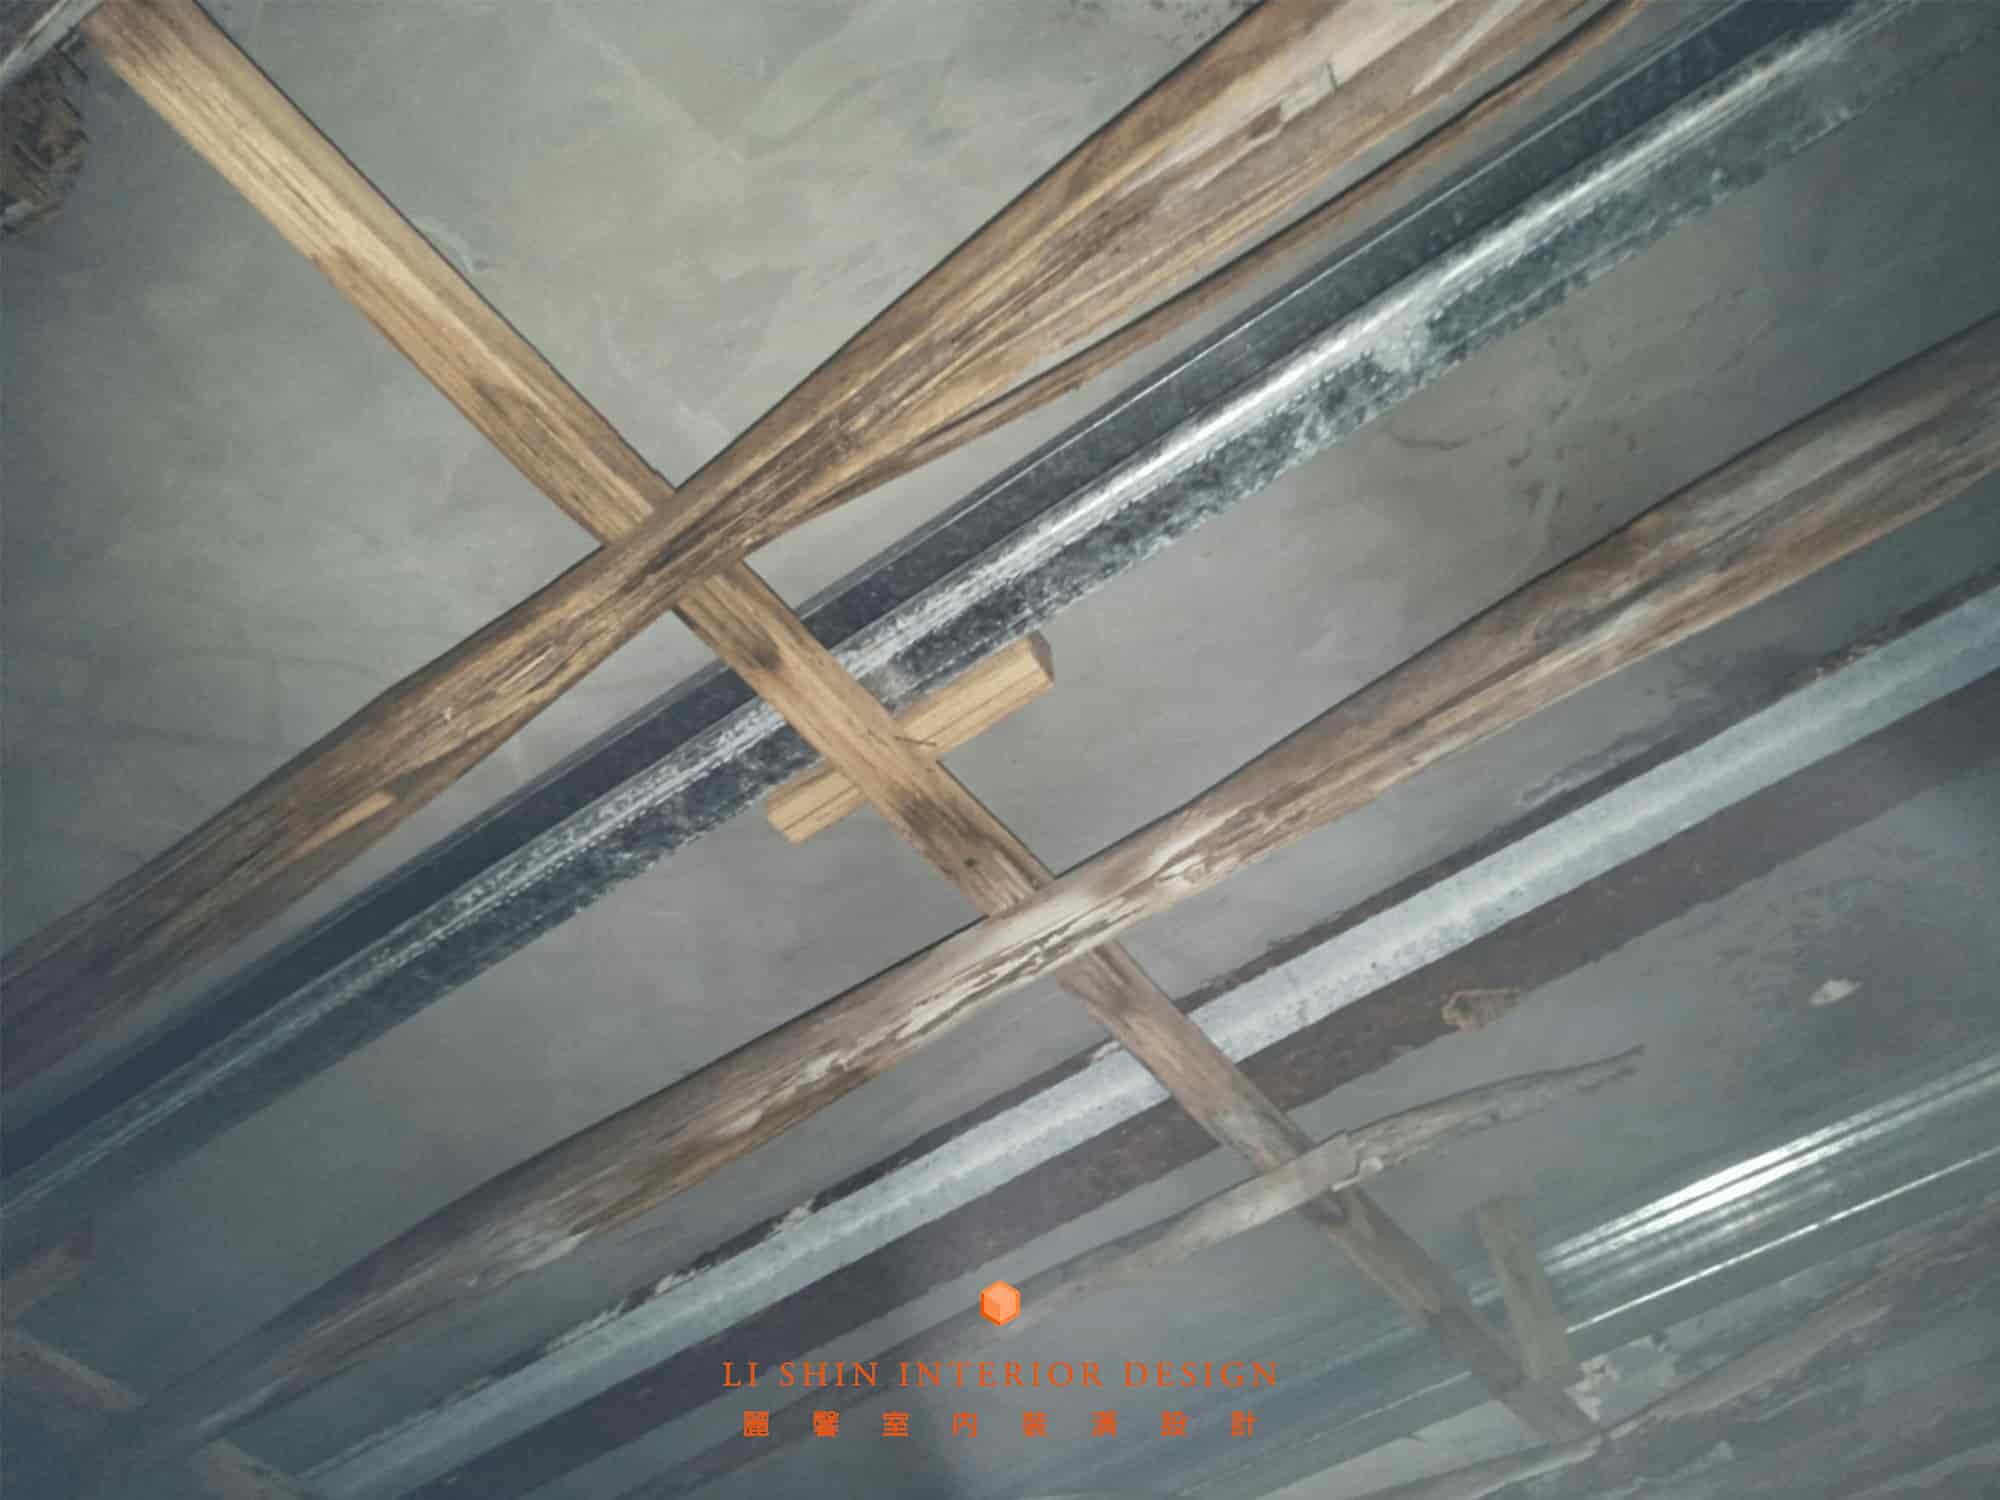 集層材潮濕會有脫膠的情形,結果就是集層角材會散開。